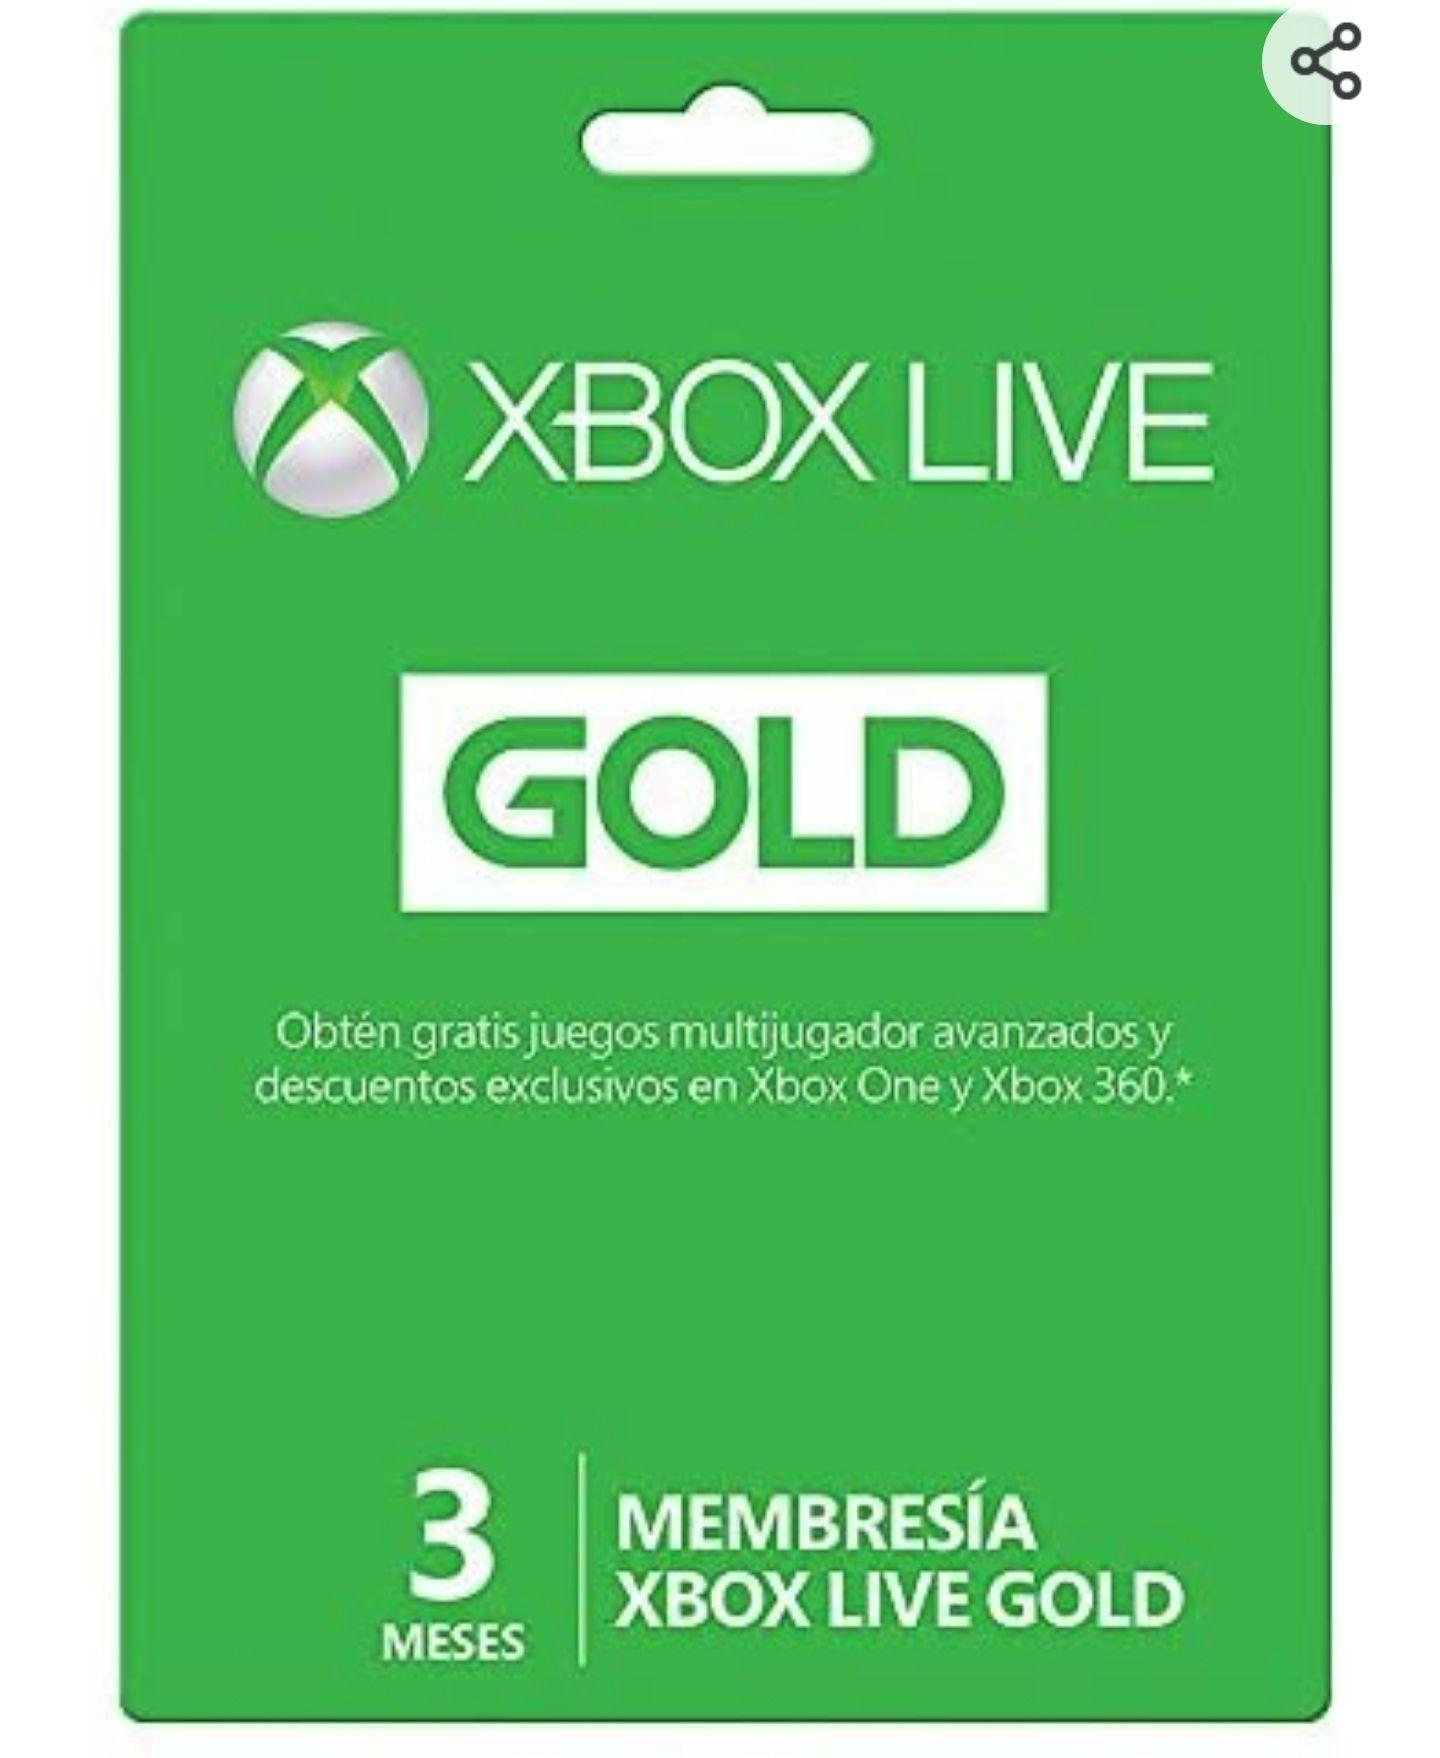 Amazon: Xbox Live Gold 3 meses